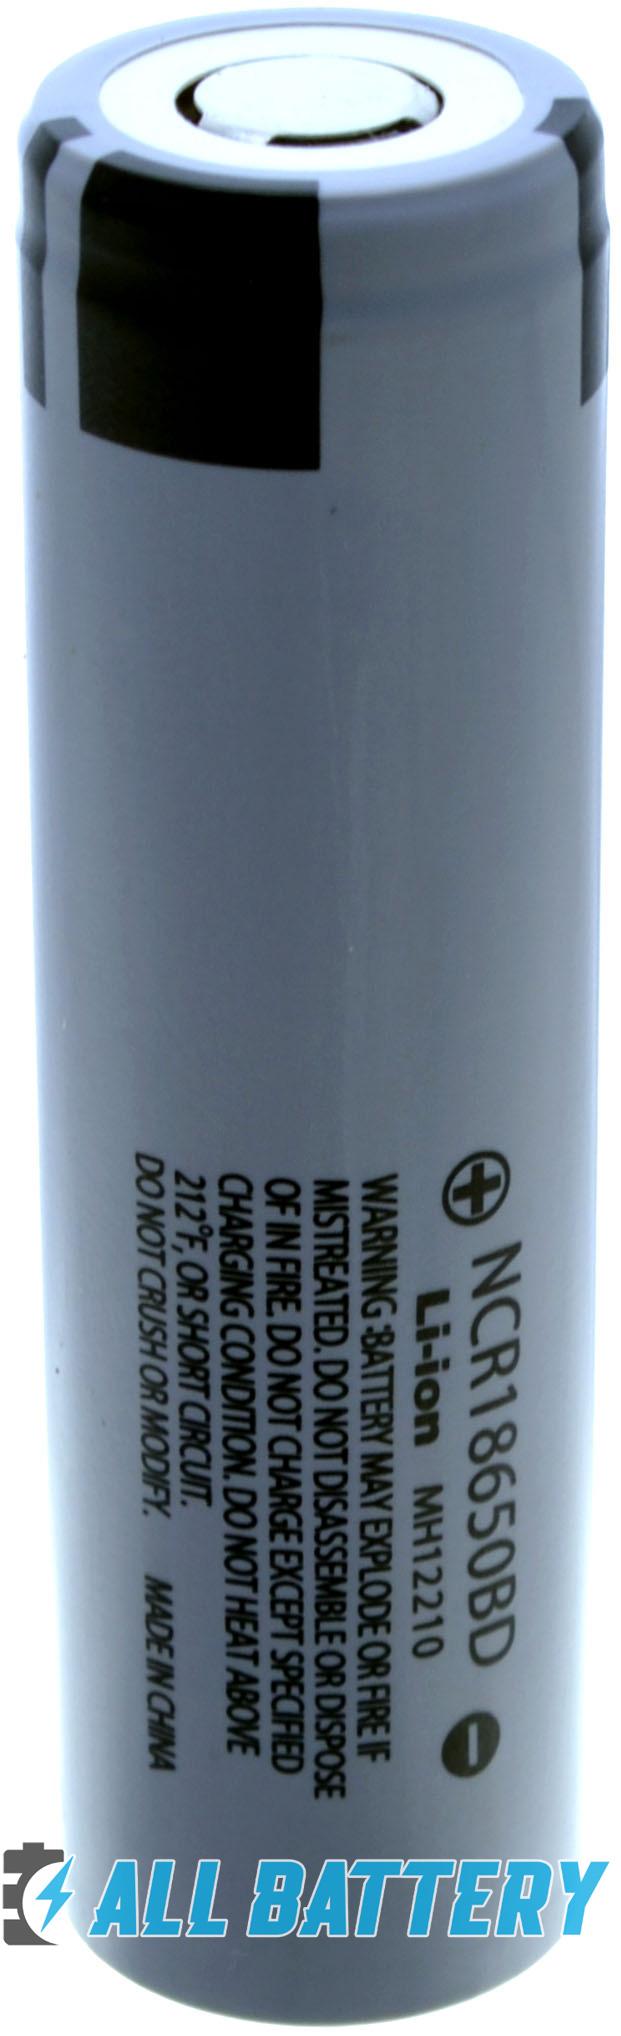 Аккумуляторы Panasonic NCR18650BD 3200 mAh 10A.